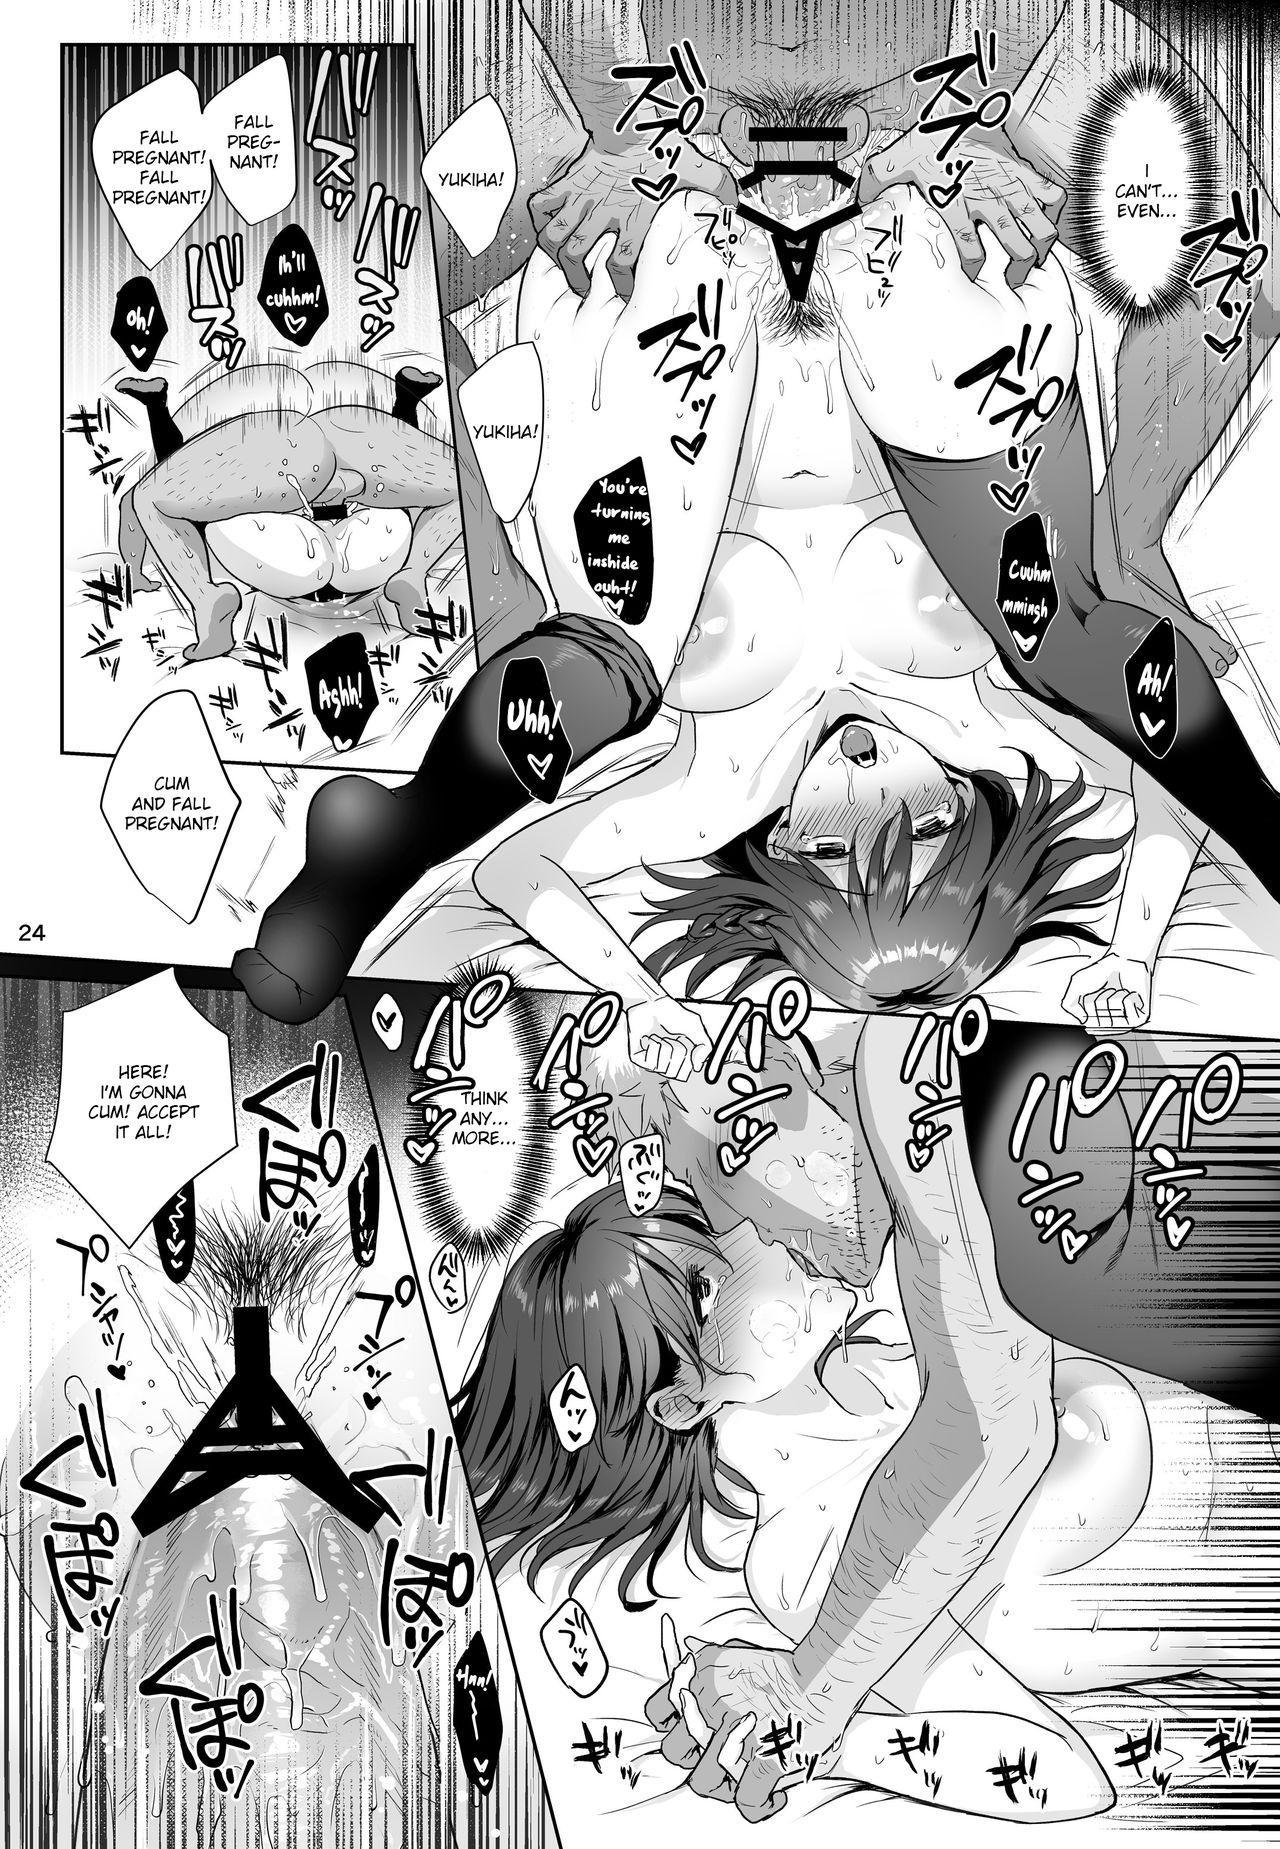 Toshoshitsu no Kanojo 22